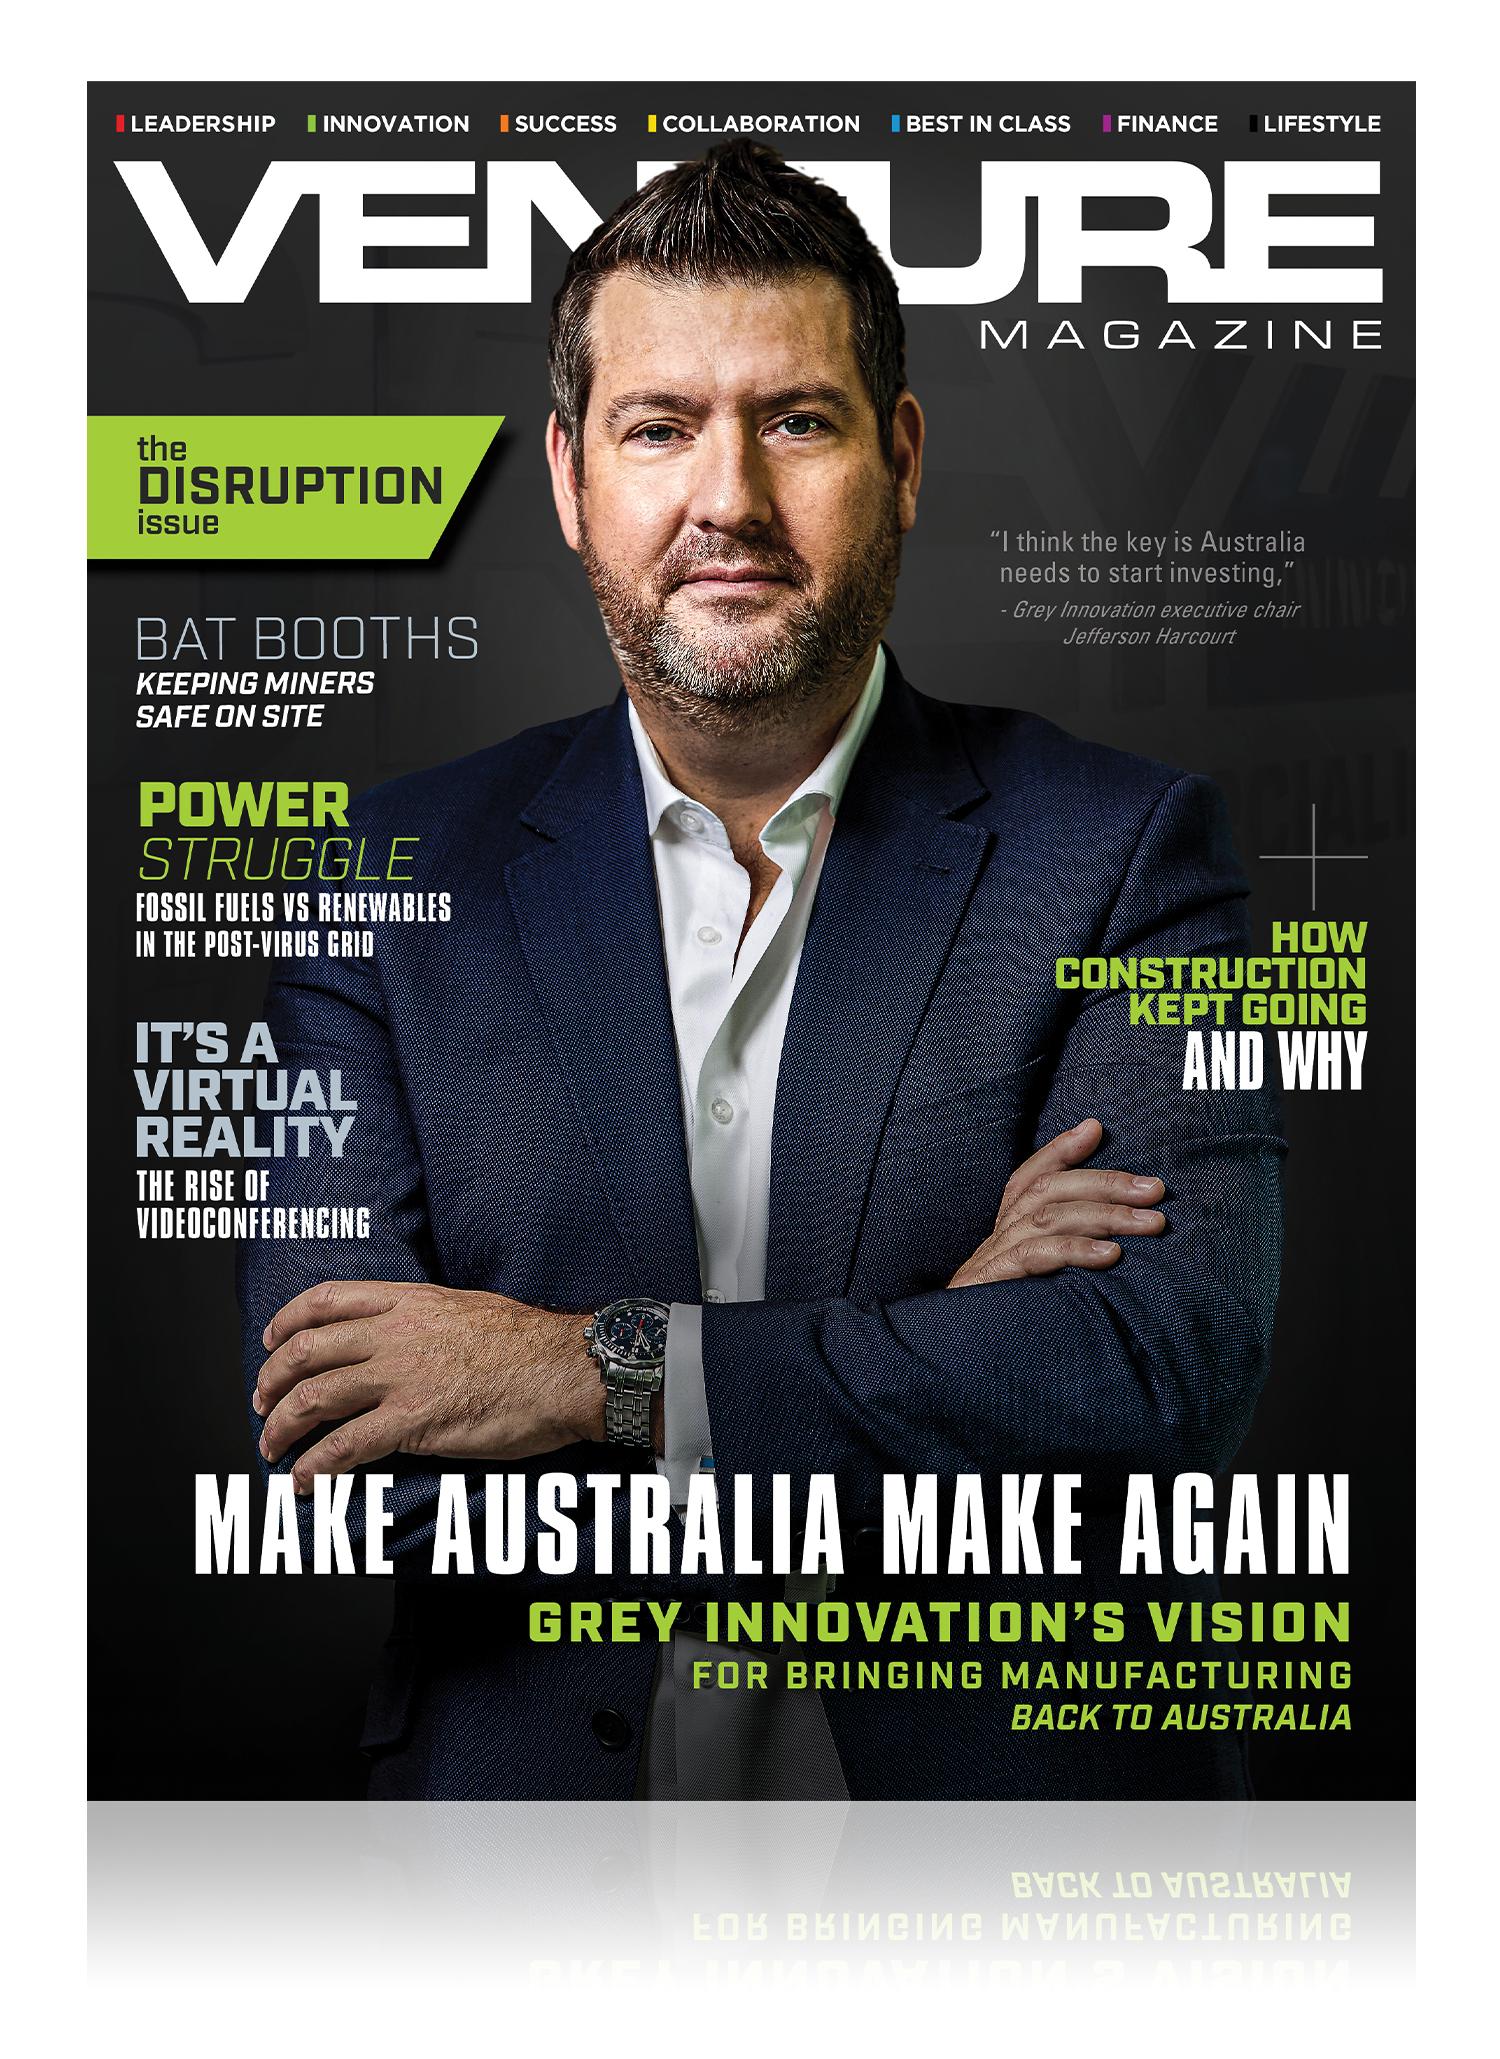 Venture Magazine June 2020 Issue